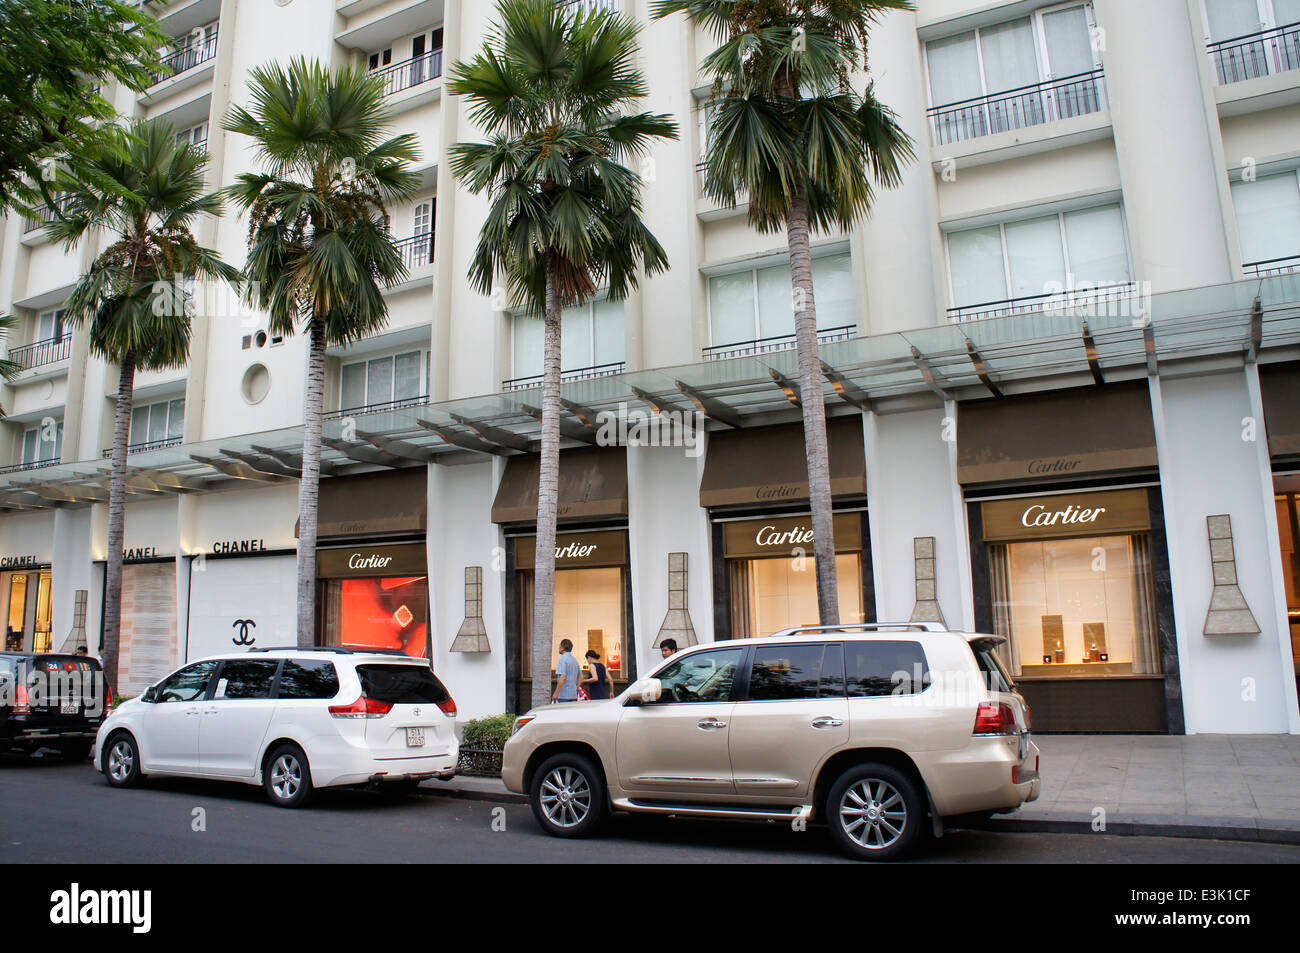 Famoso marchio francese nome negozi boutique la finestra di visualizzazione a Ho Chi Minh City, Vietnam Immagini Stock